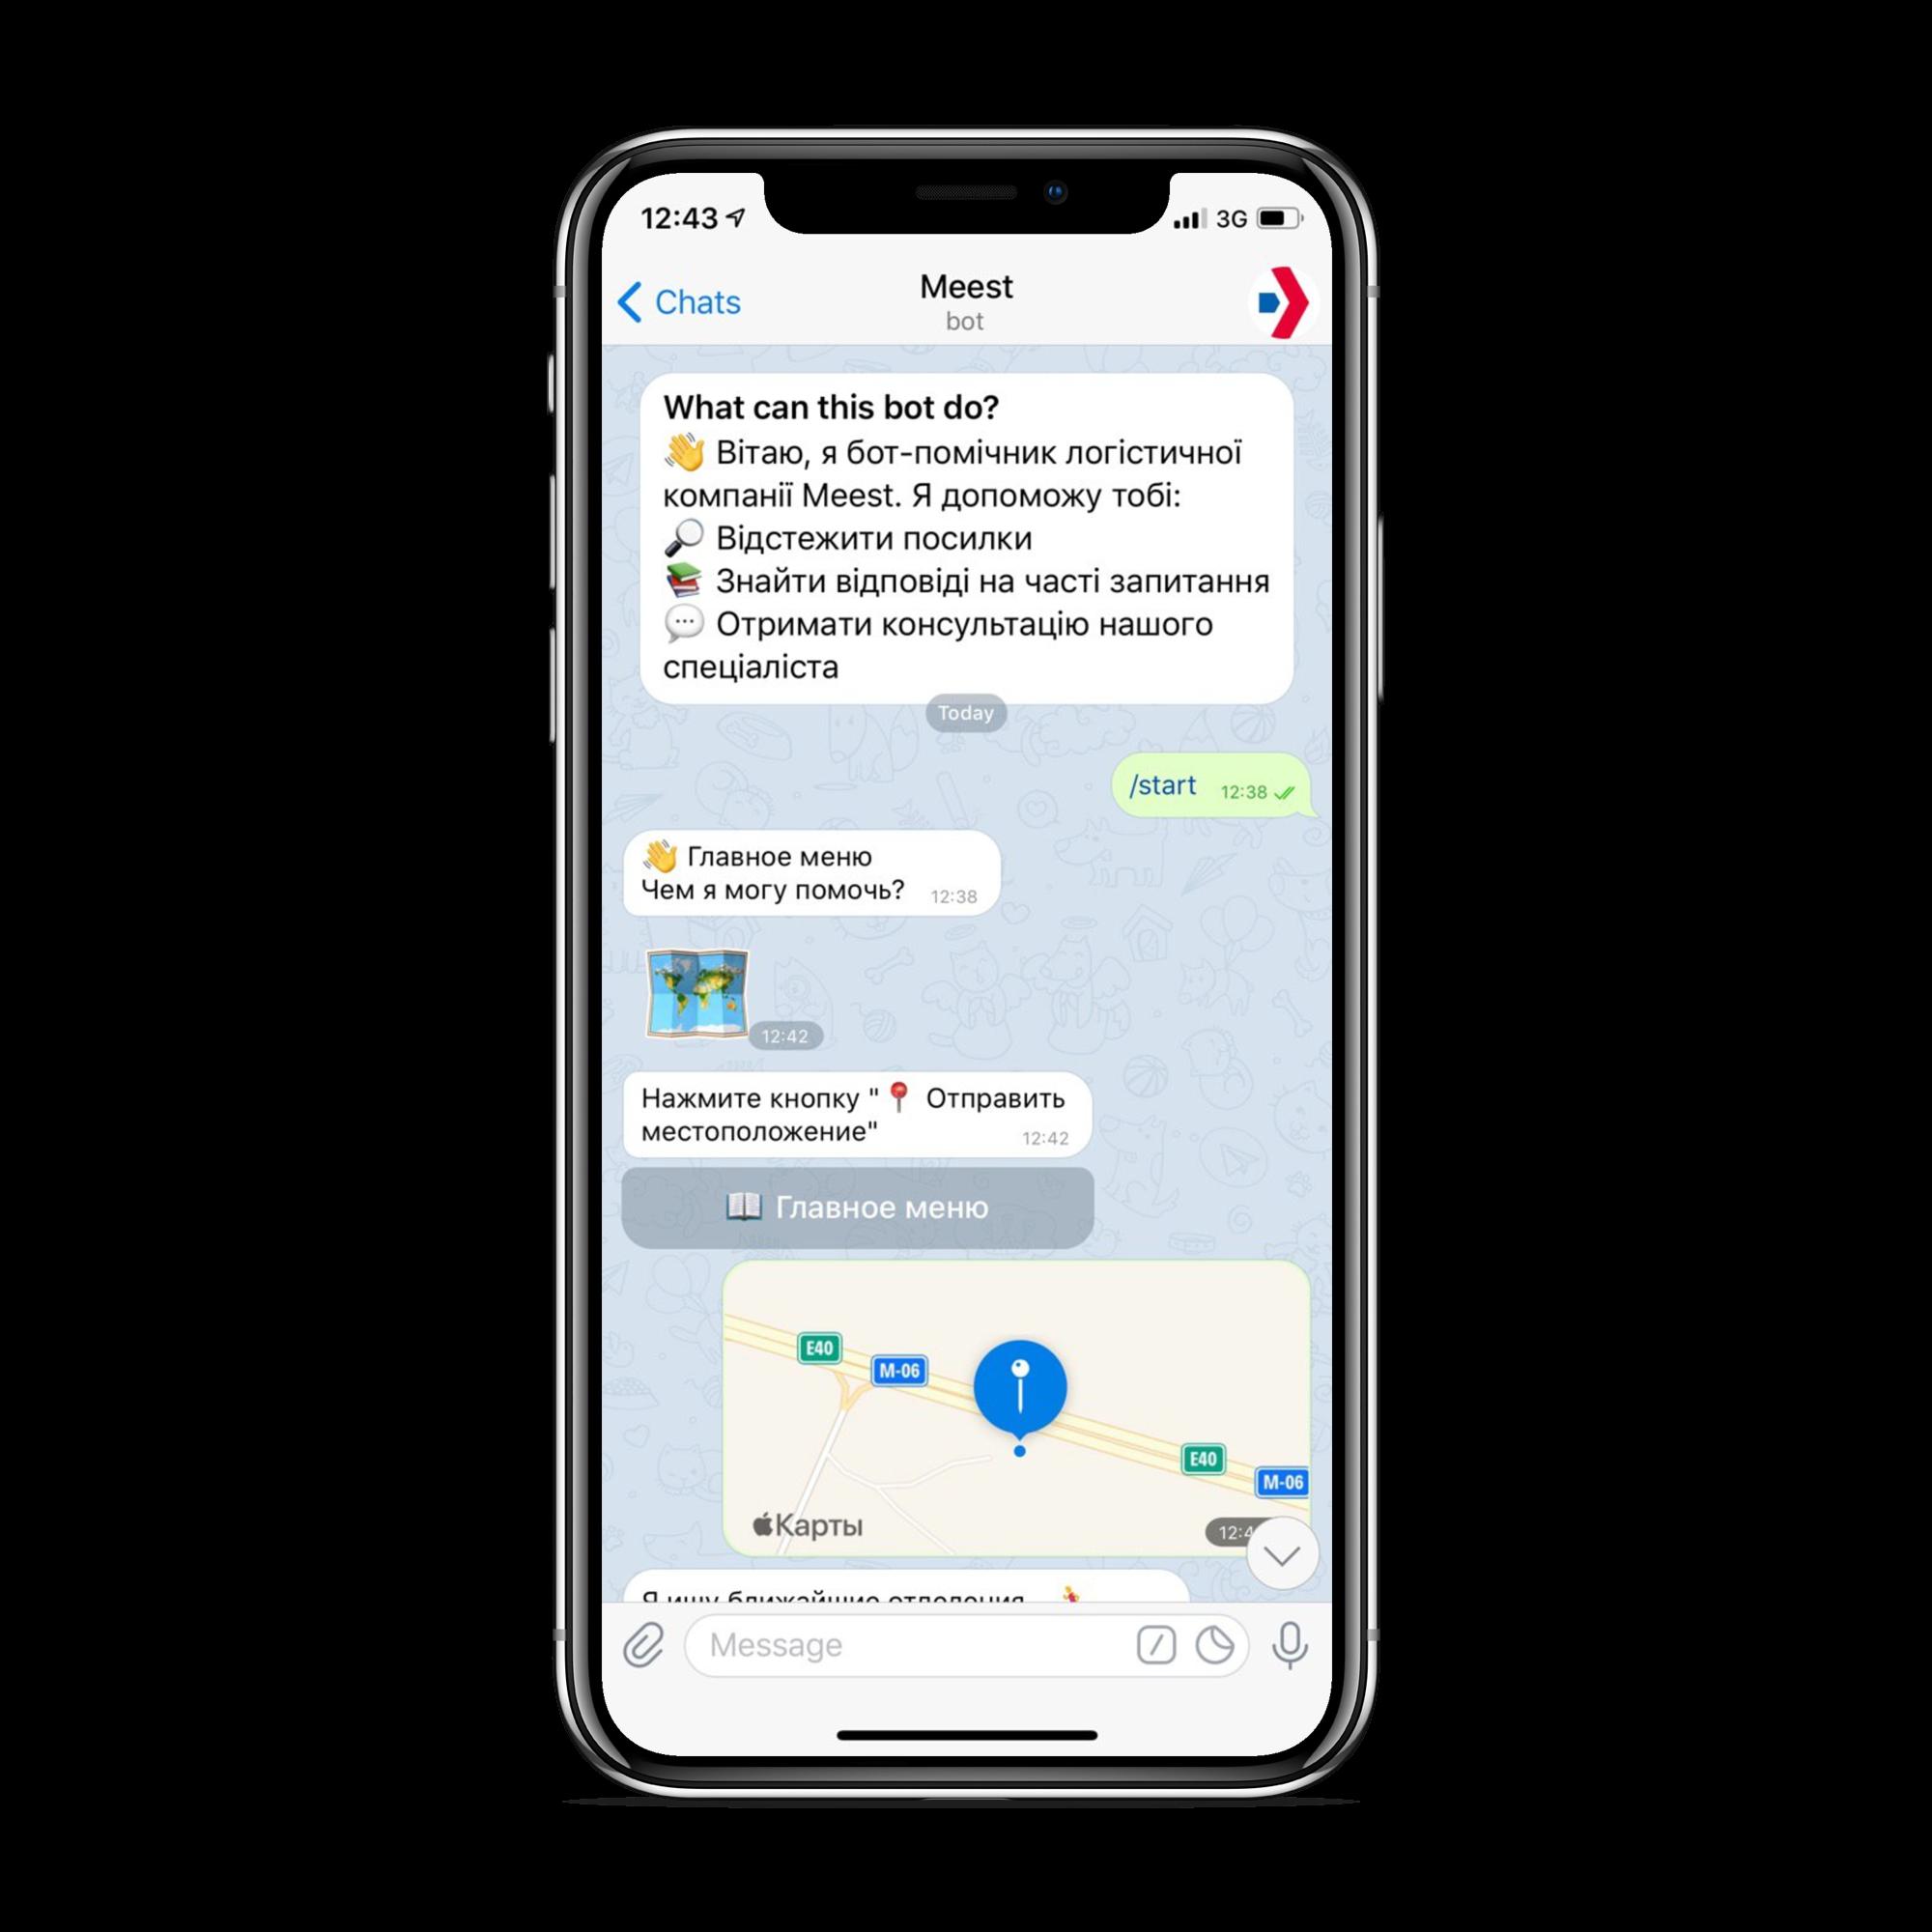 Чат-бот Meest в Telegram